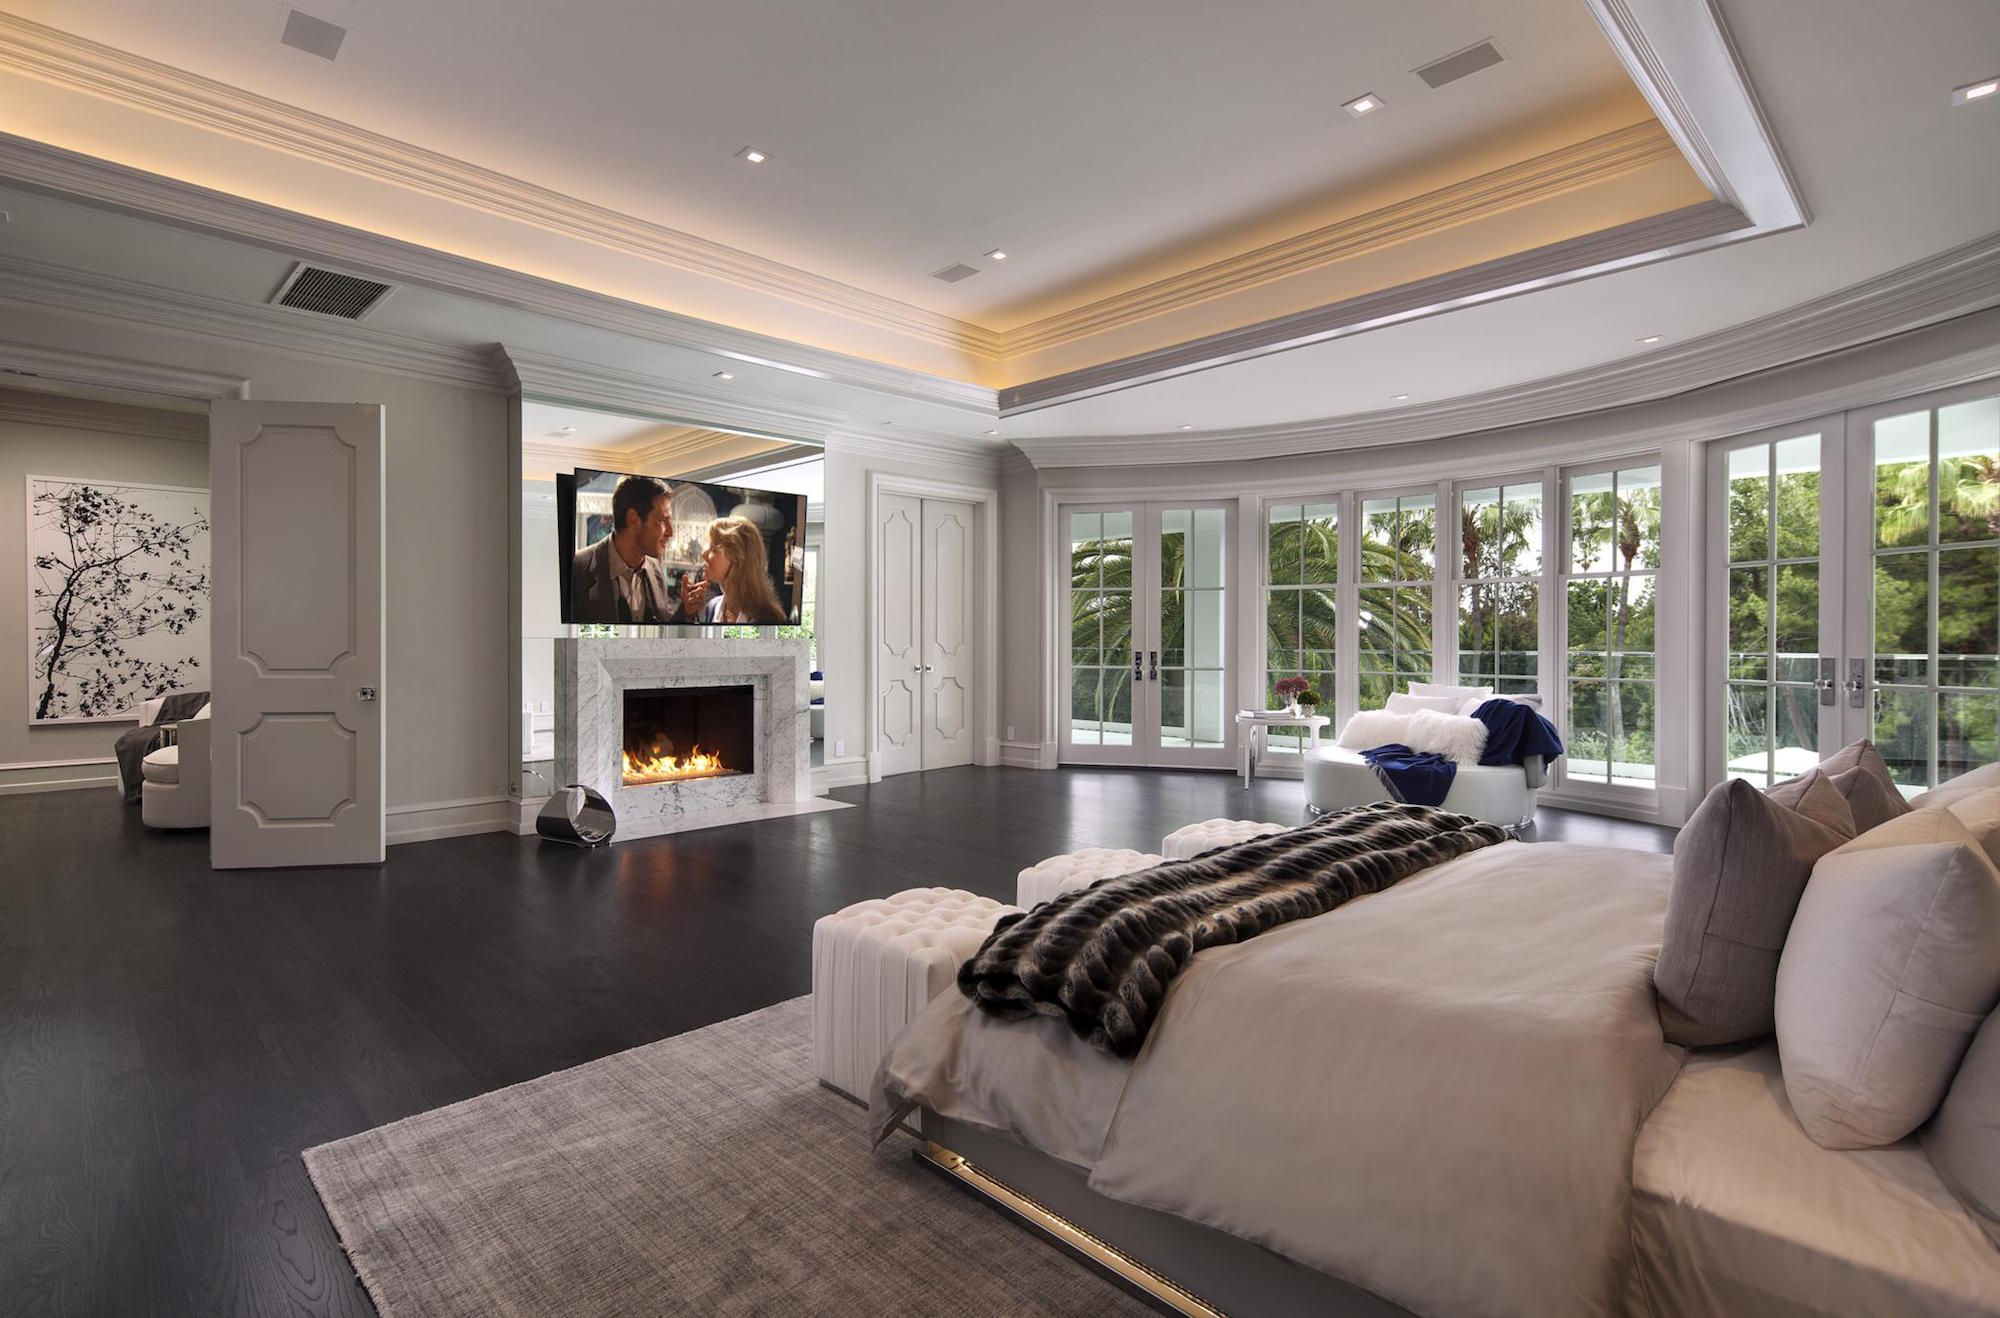 Das Beste für den Champ: Floyd Mayweather kauft Anwesen in Beverly Hills 7